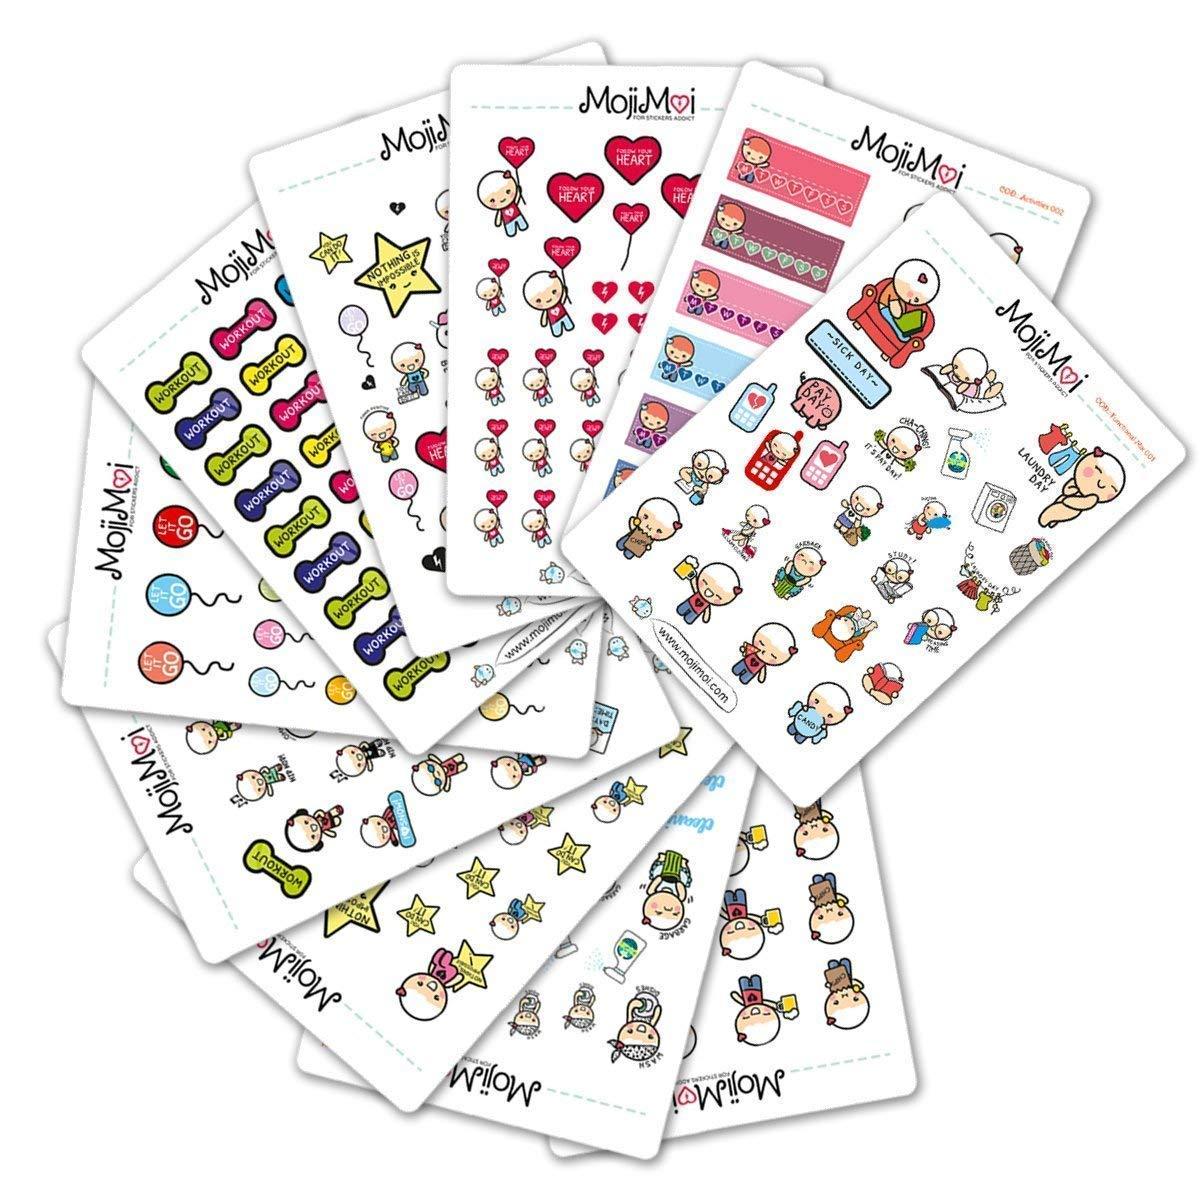 24 Dimsum stickers for planners Kikkik Filofax Happy Planners Scrapbook Erin Condren and TN